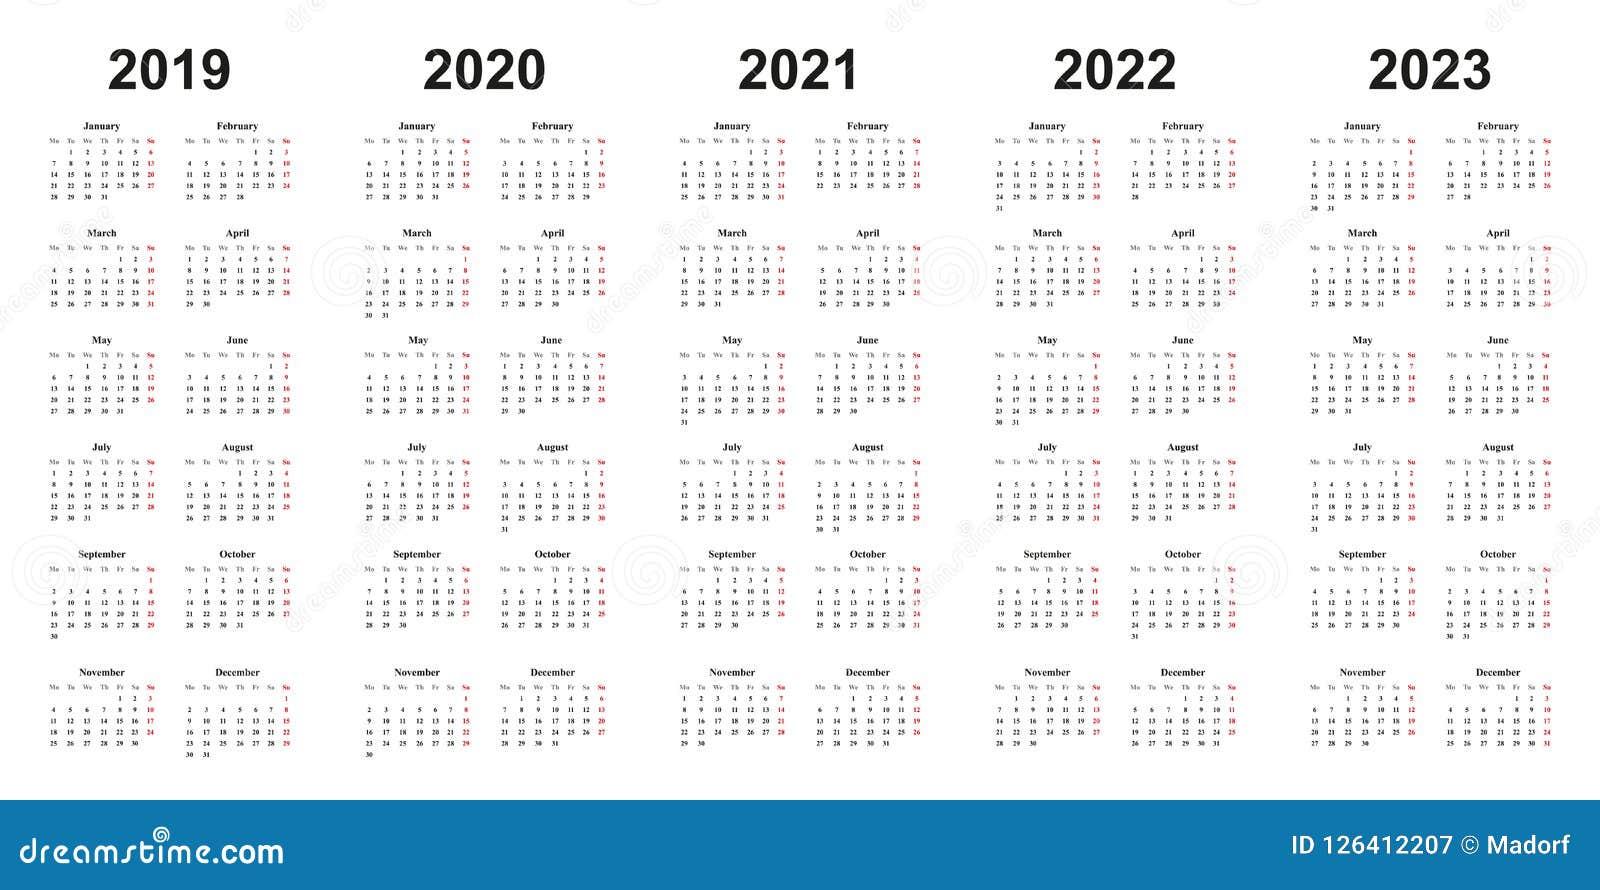 Calendario 2020 2021 2022 Calendario Del Diseño Simple Con Años 2019, 2020, 2021, 2022, 2023